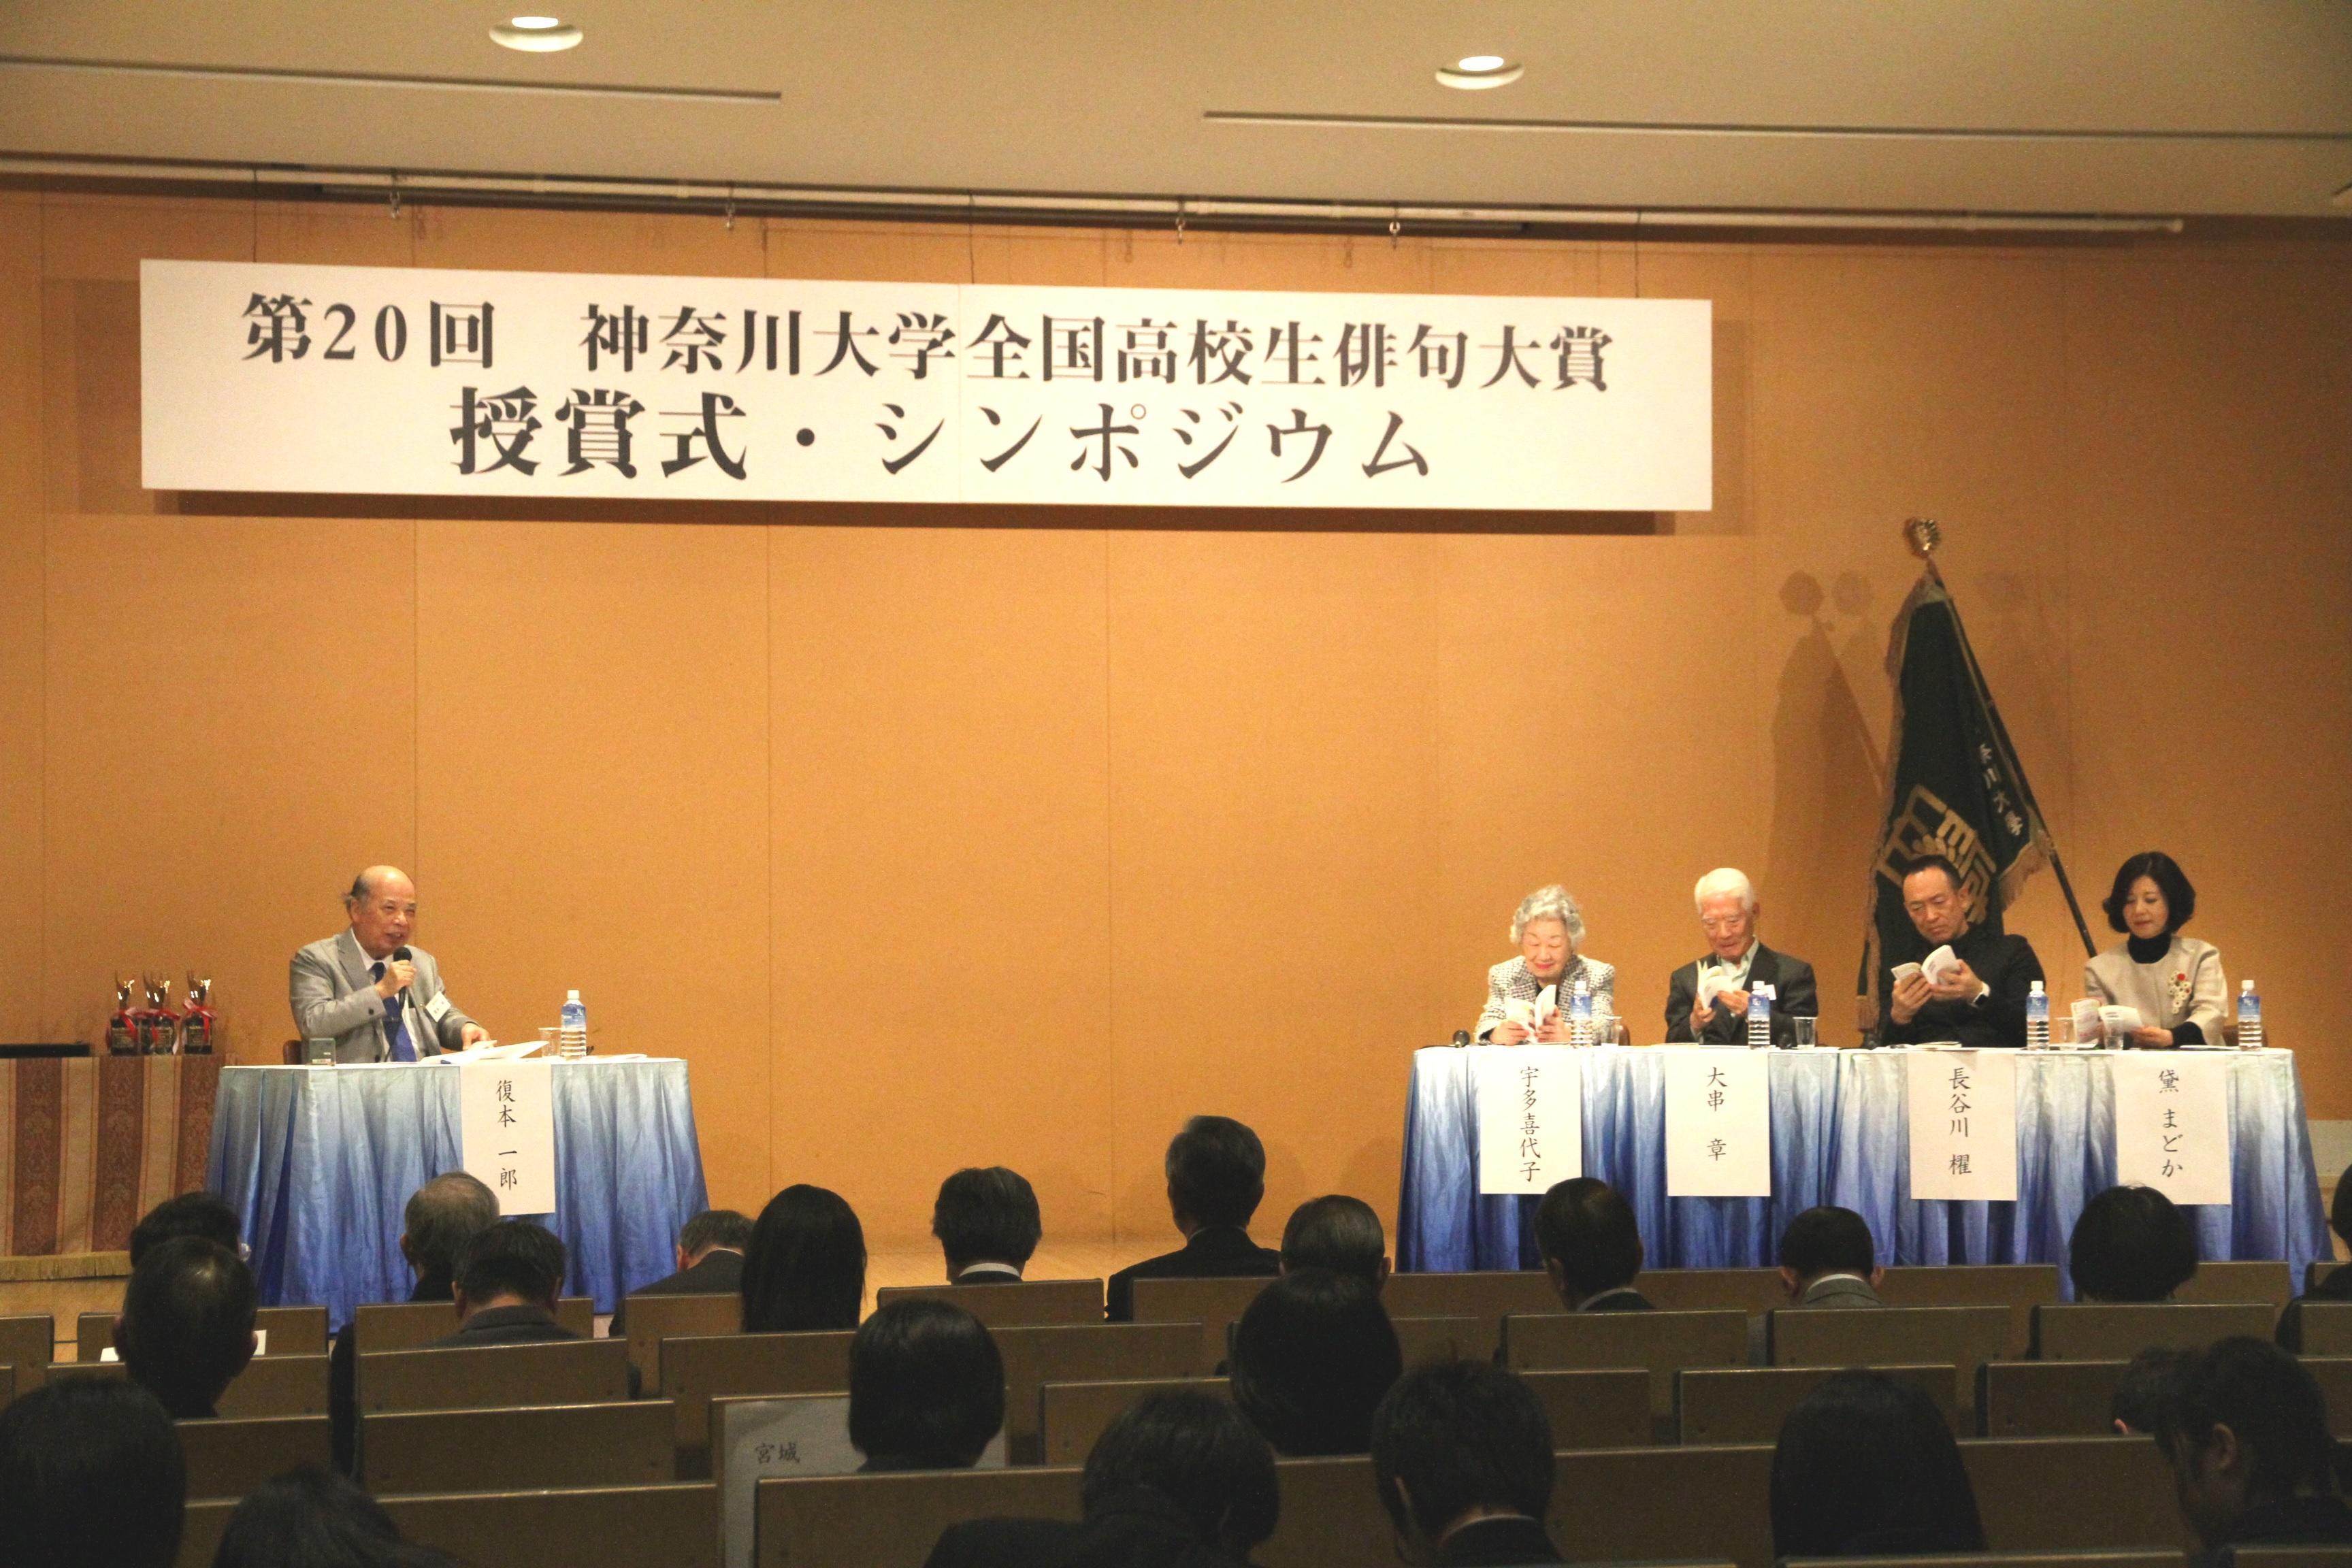 あの有名な著名俳人が神奈川大学に集結!高校生俳句の魅力を伝えます!「第21回神奈川大学全国高校生俳句大賞 シンポジウム・授賞式」を開催